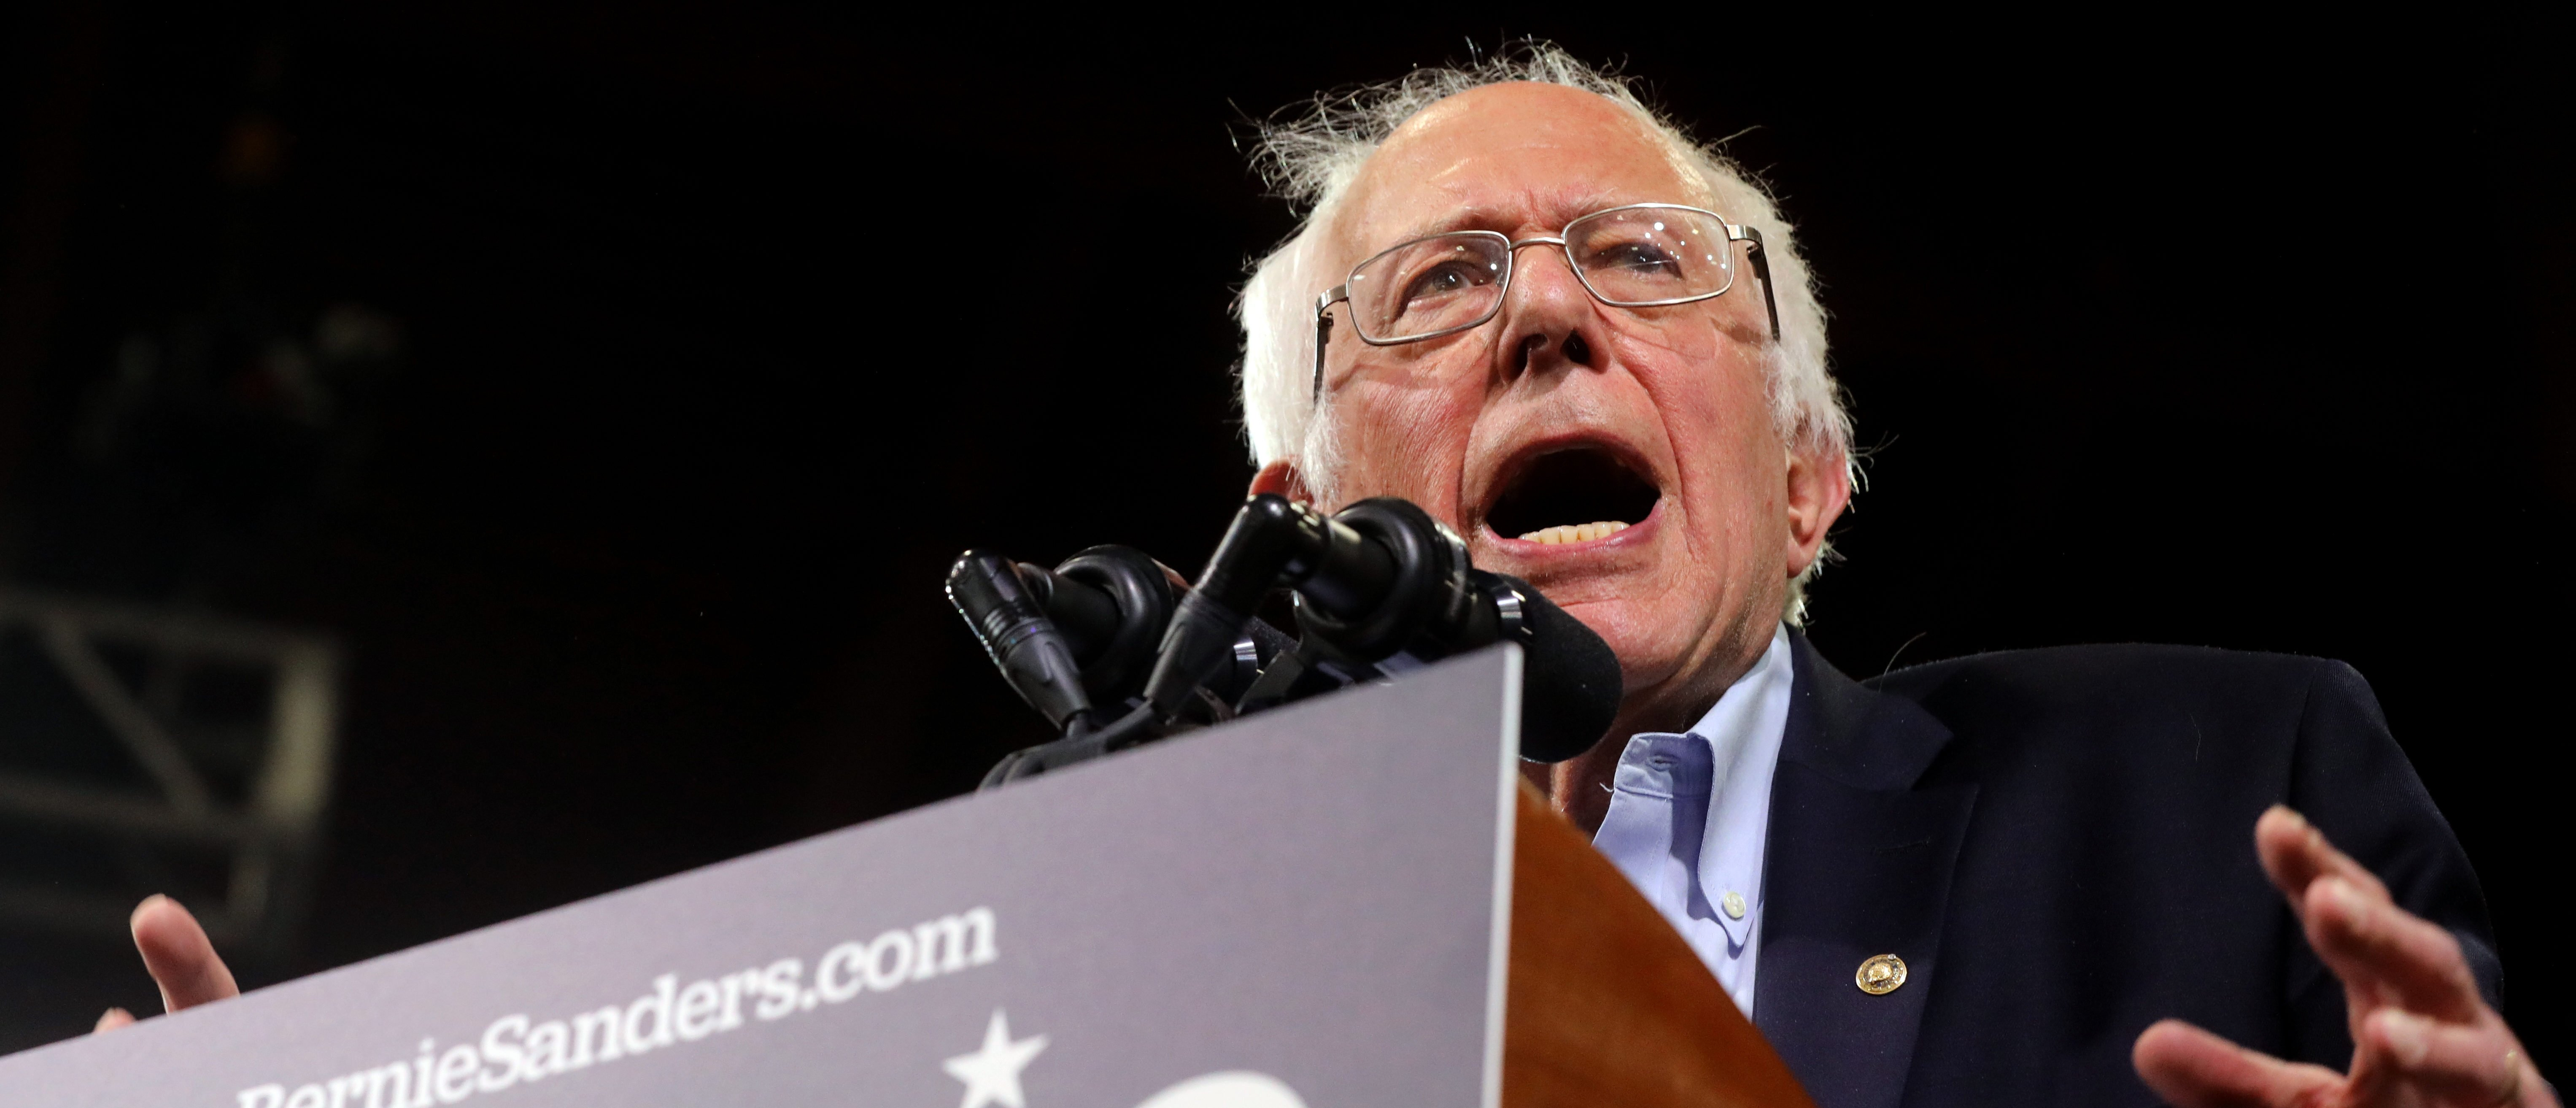 Democratic U.S. presidential candidate Senator Bernie Sanders aspeaks at his Super Tuesday rally in Essex Junction